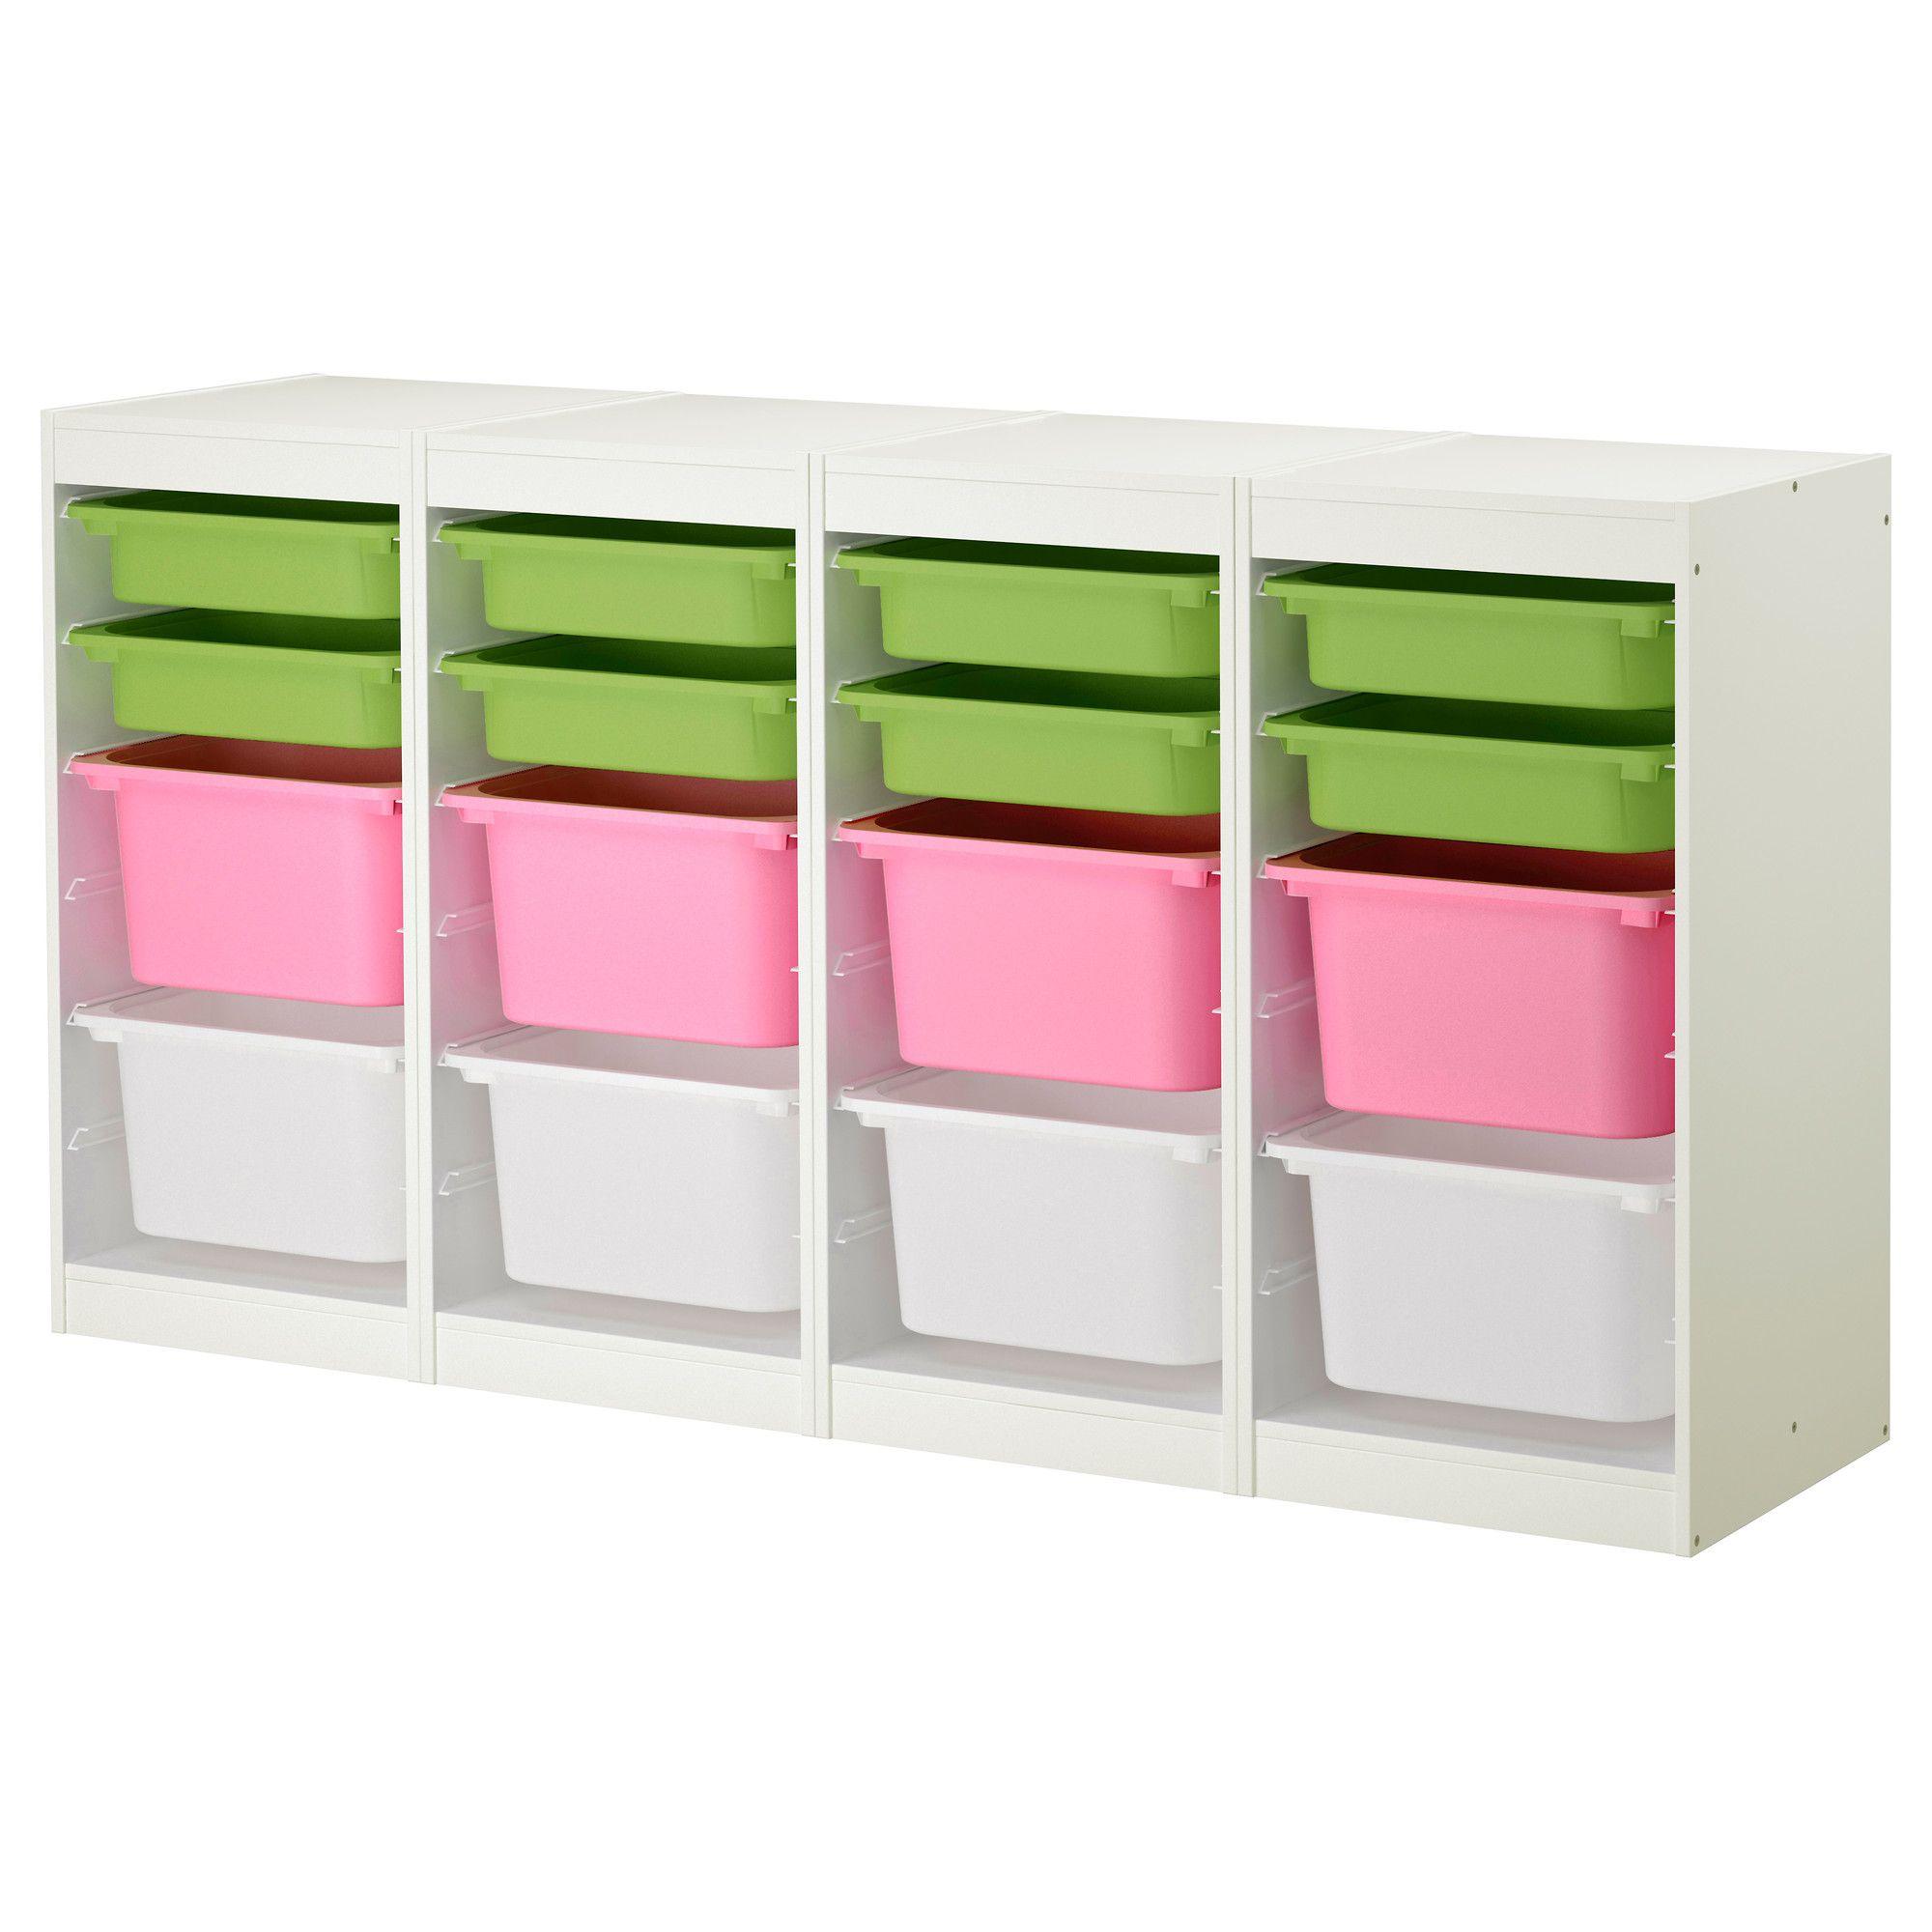 Trofast Combinaison De Rangement Blanc Multicolore Meuble De  # Meuble De Rangement Ikea